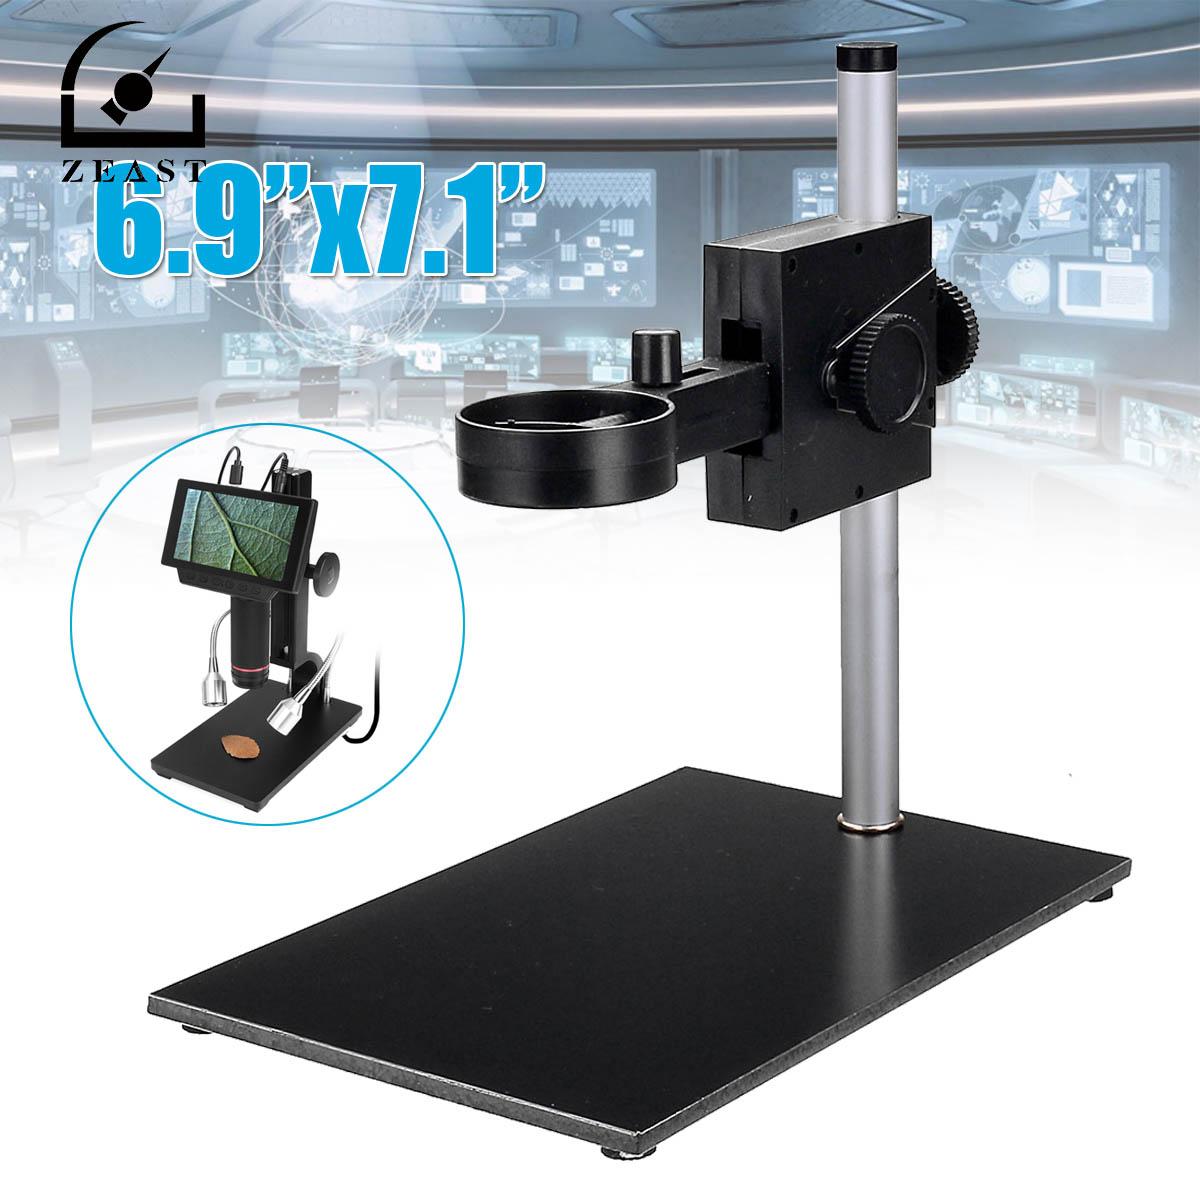 Actief Digitale Microscoop Houder Stand Verstelbare Lifting Ondersteuning Raising Verlagen Podium Beugel Voor Usb Digitale Microscoop Accessoires